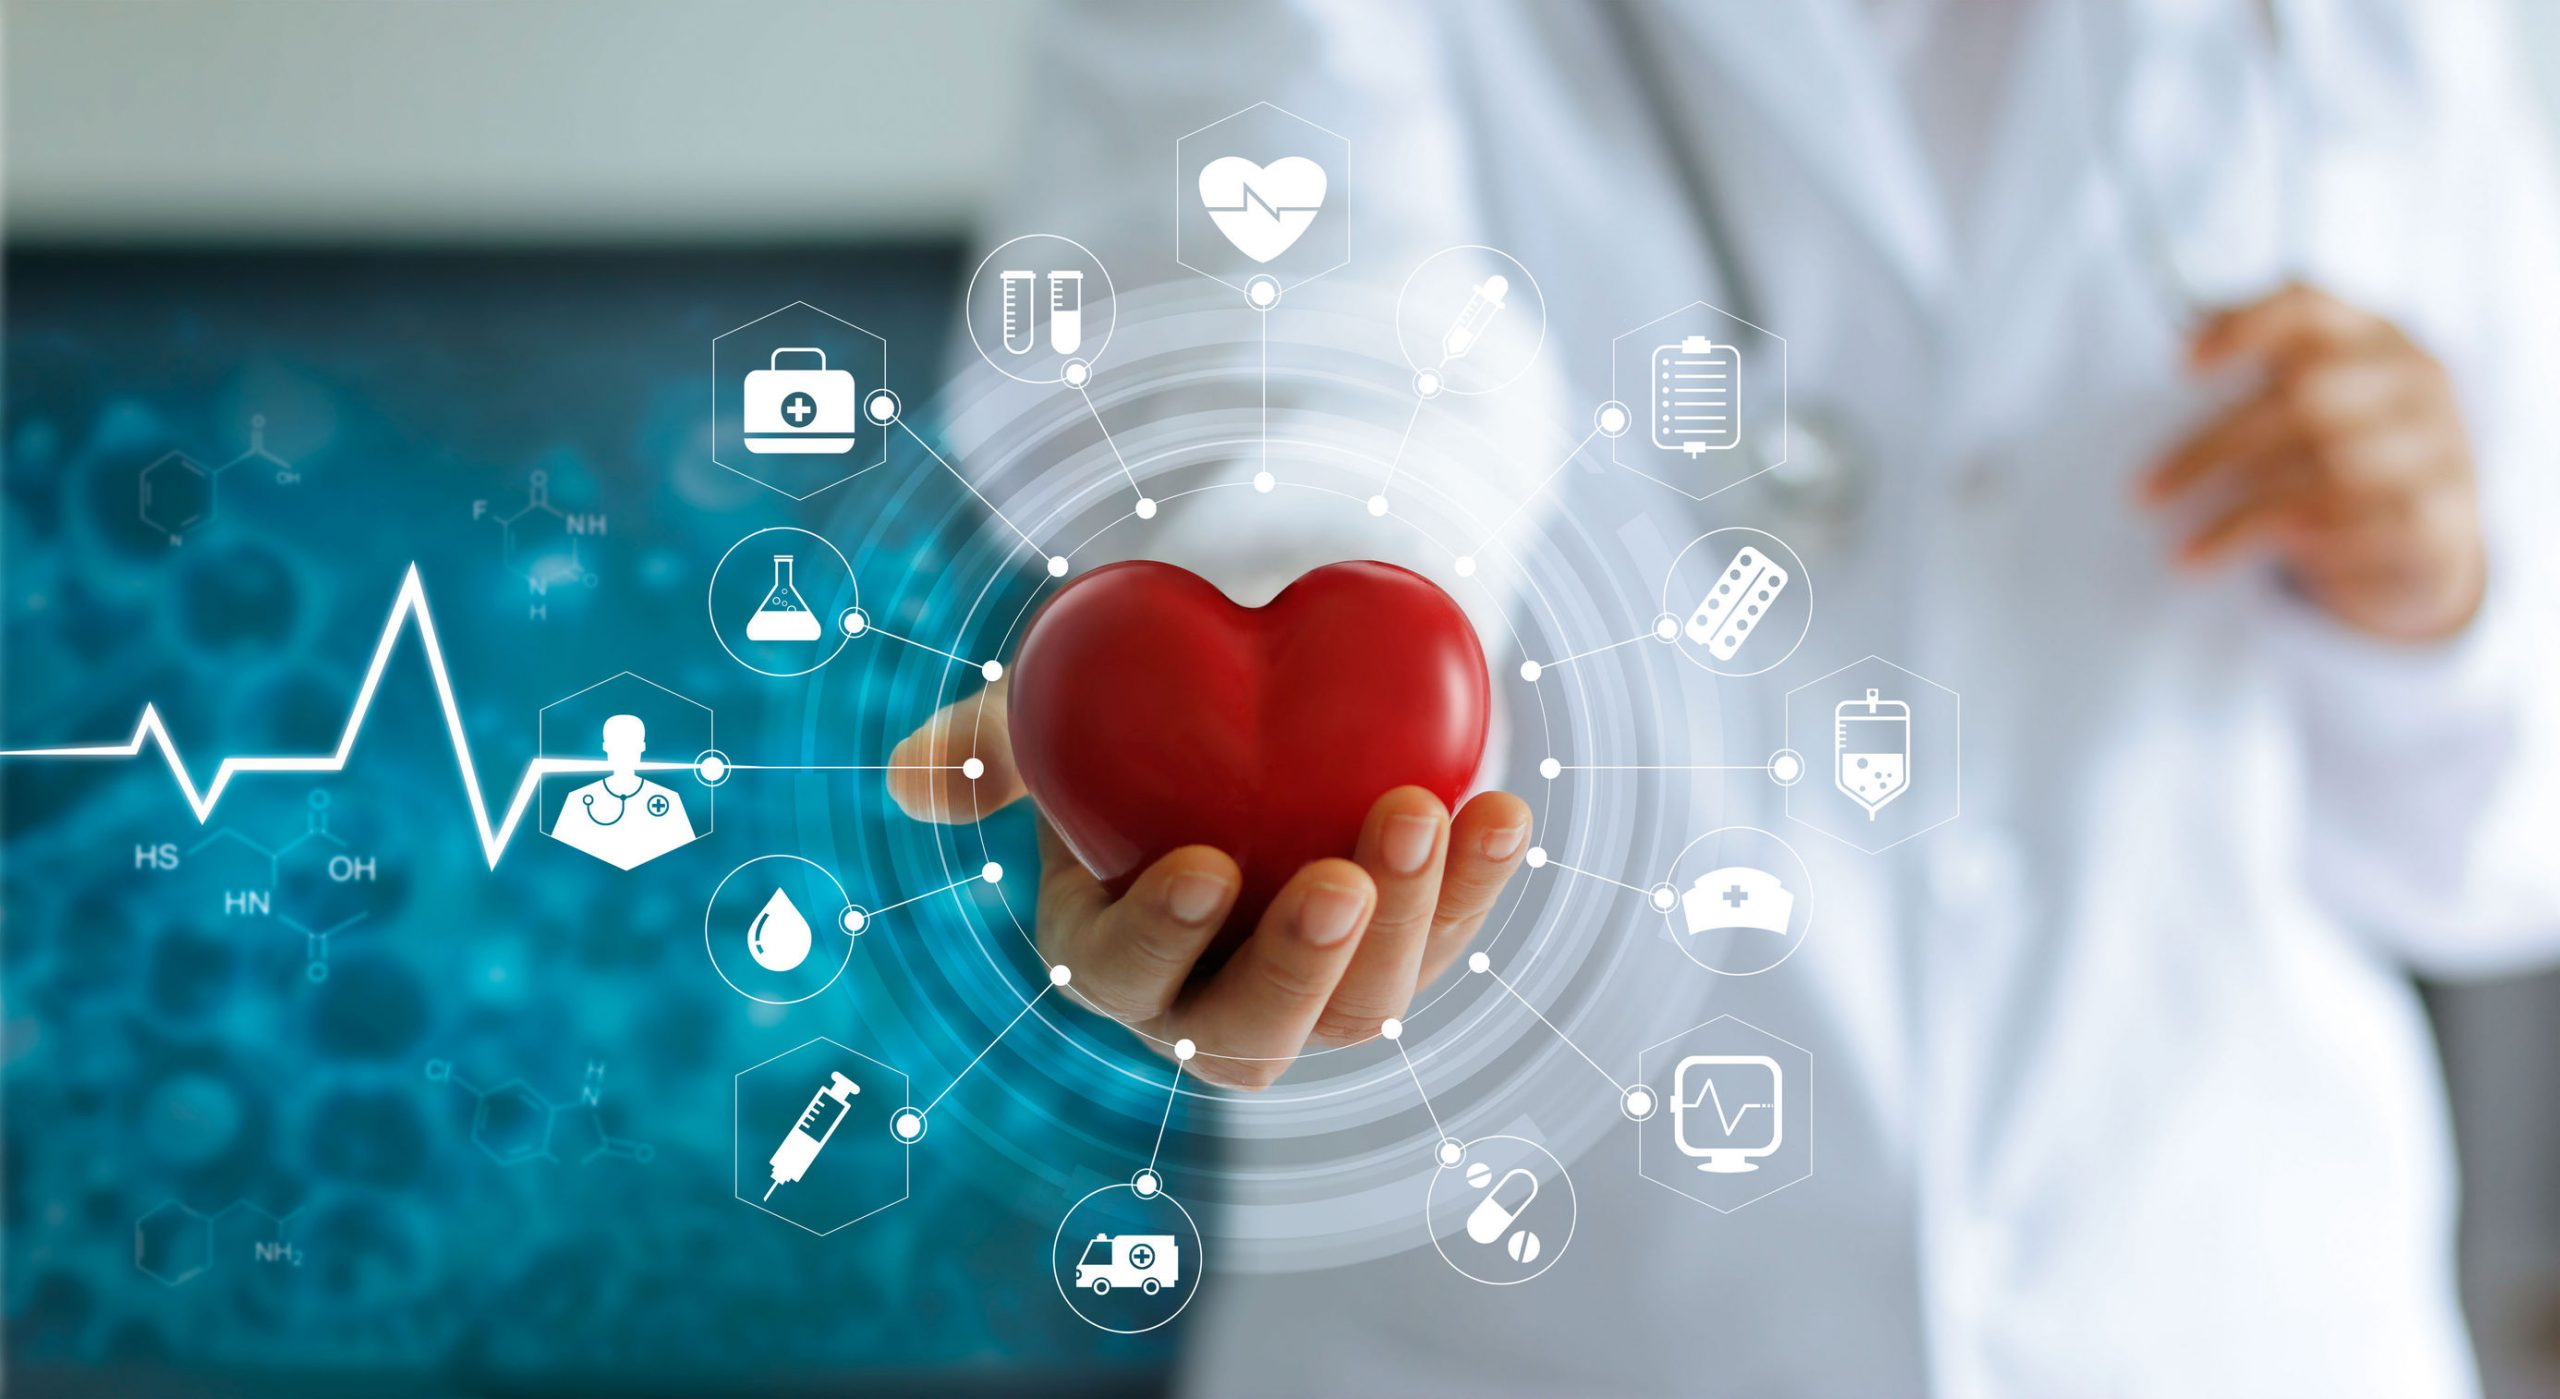 koronarinės širdies ligos poveikis sveikatai infraraudonųjų spindulių pirties hipertenzija